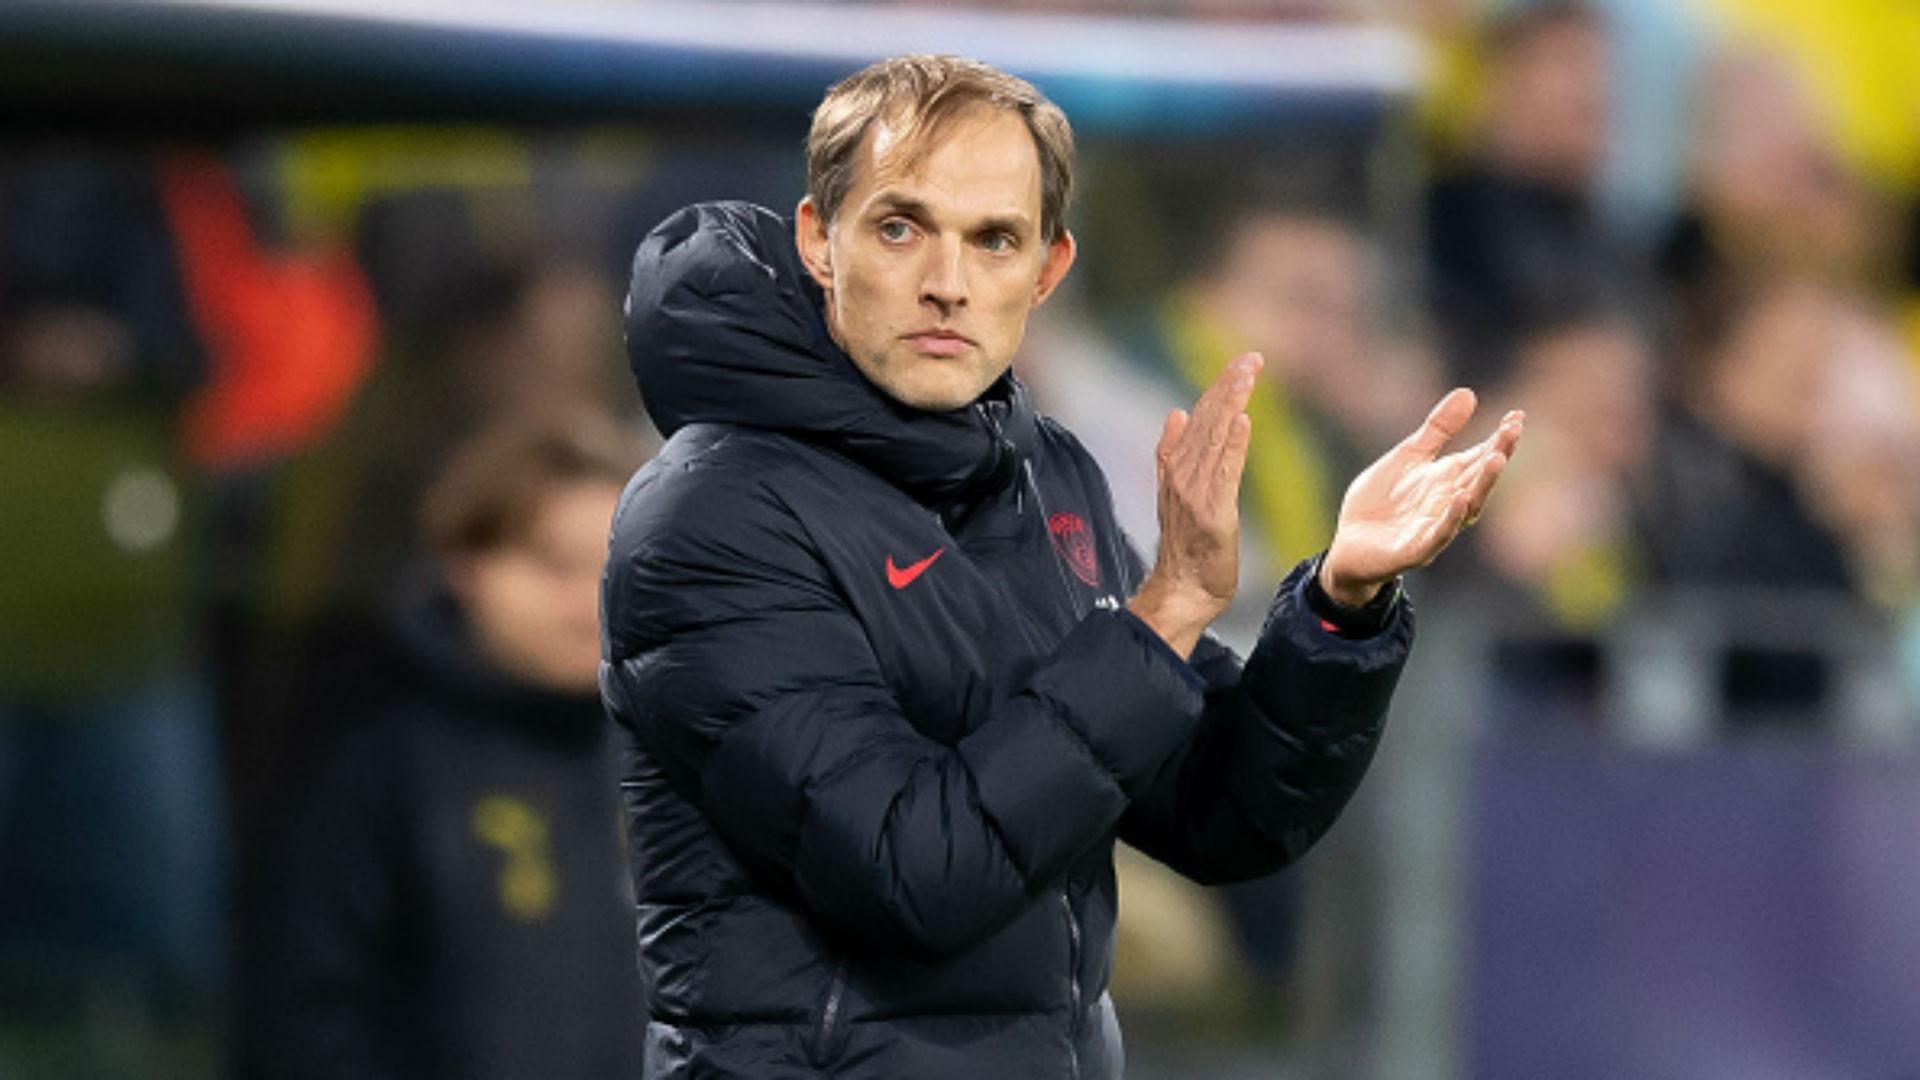 SONDAGE - Dortmund-PSG : Tuchel a-t-il manqué d'ambition avec son 3-4-3 ?